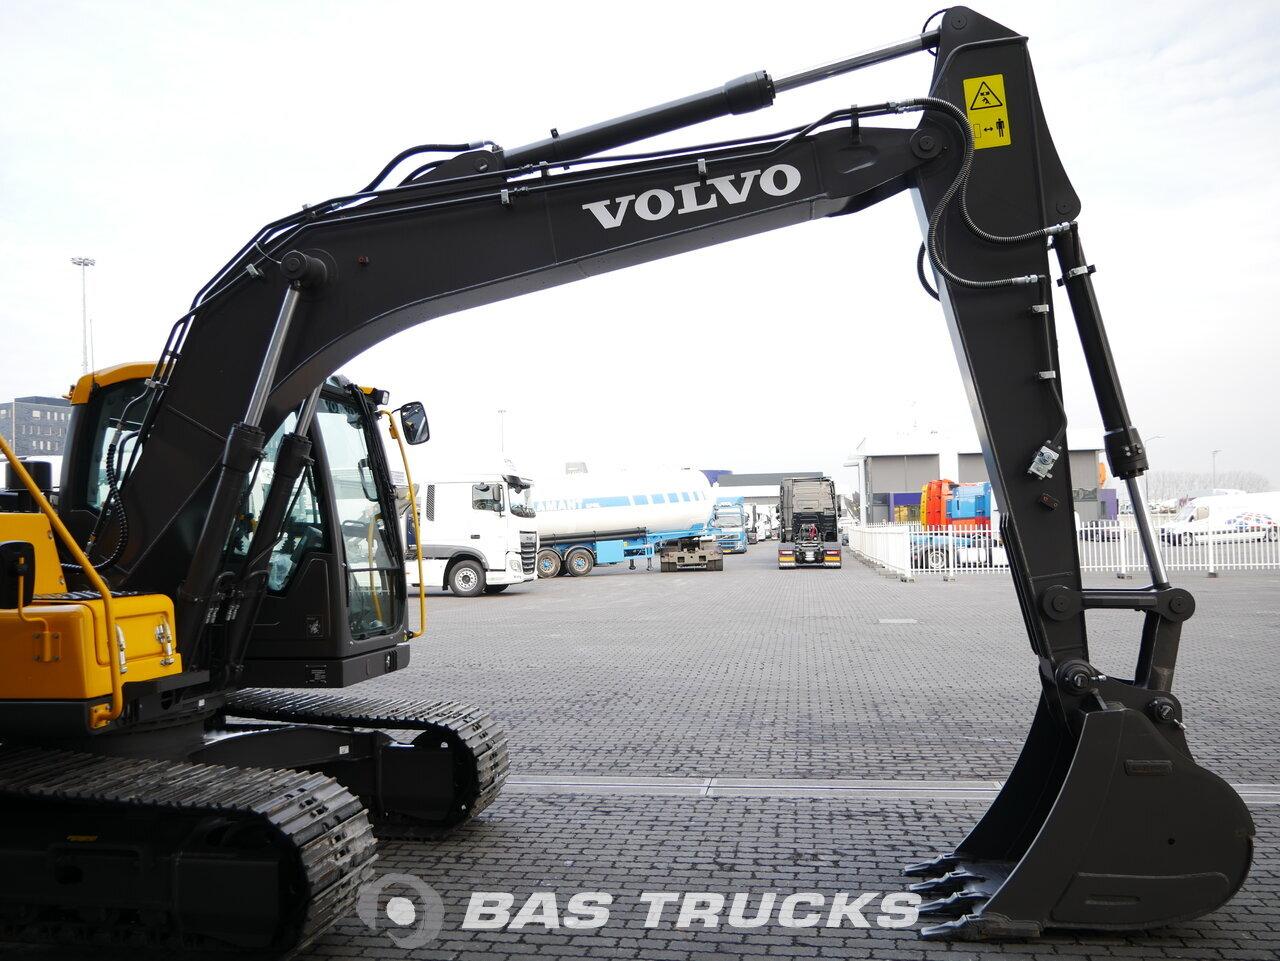 foto di Usato Macchine Movimento Terra Volvo EC140DL Track 2018